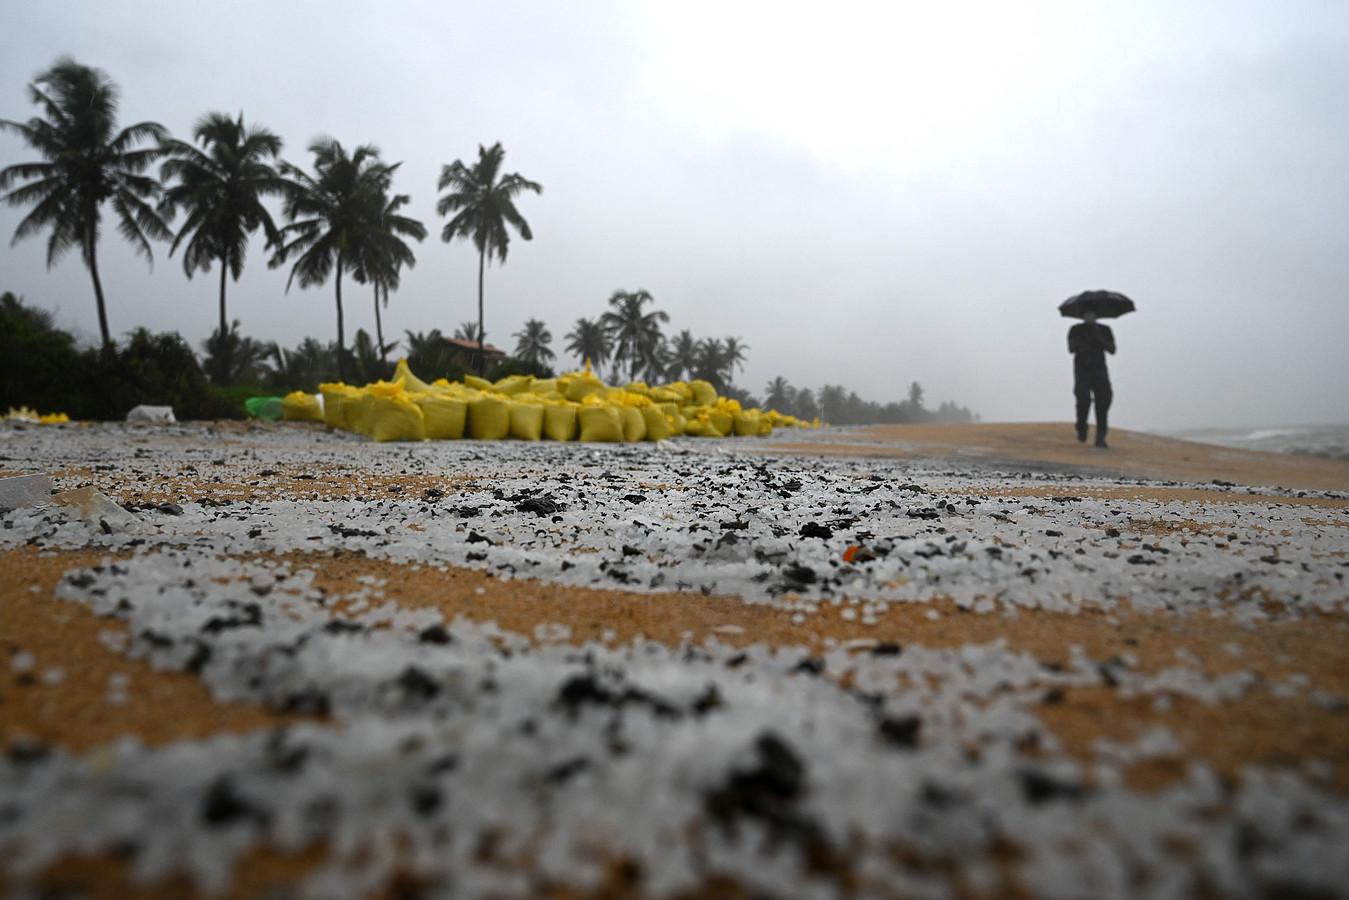 Er is al voor ettelijke tonnen aan microplastics aangetroffen op de stranden.